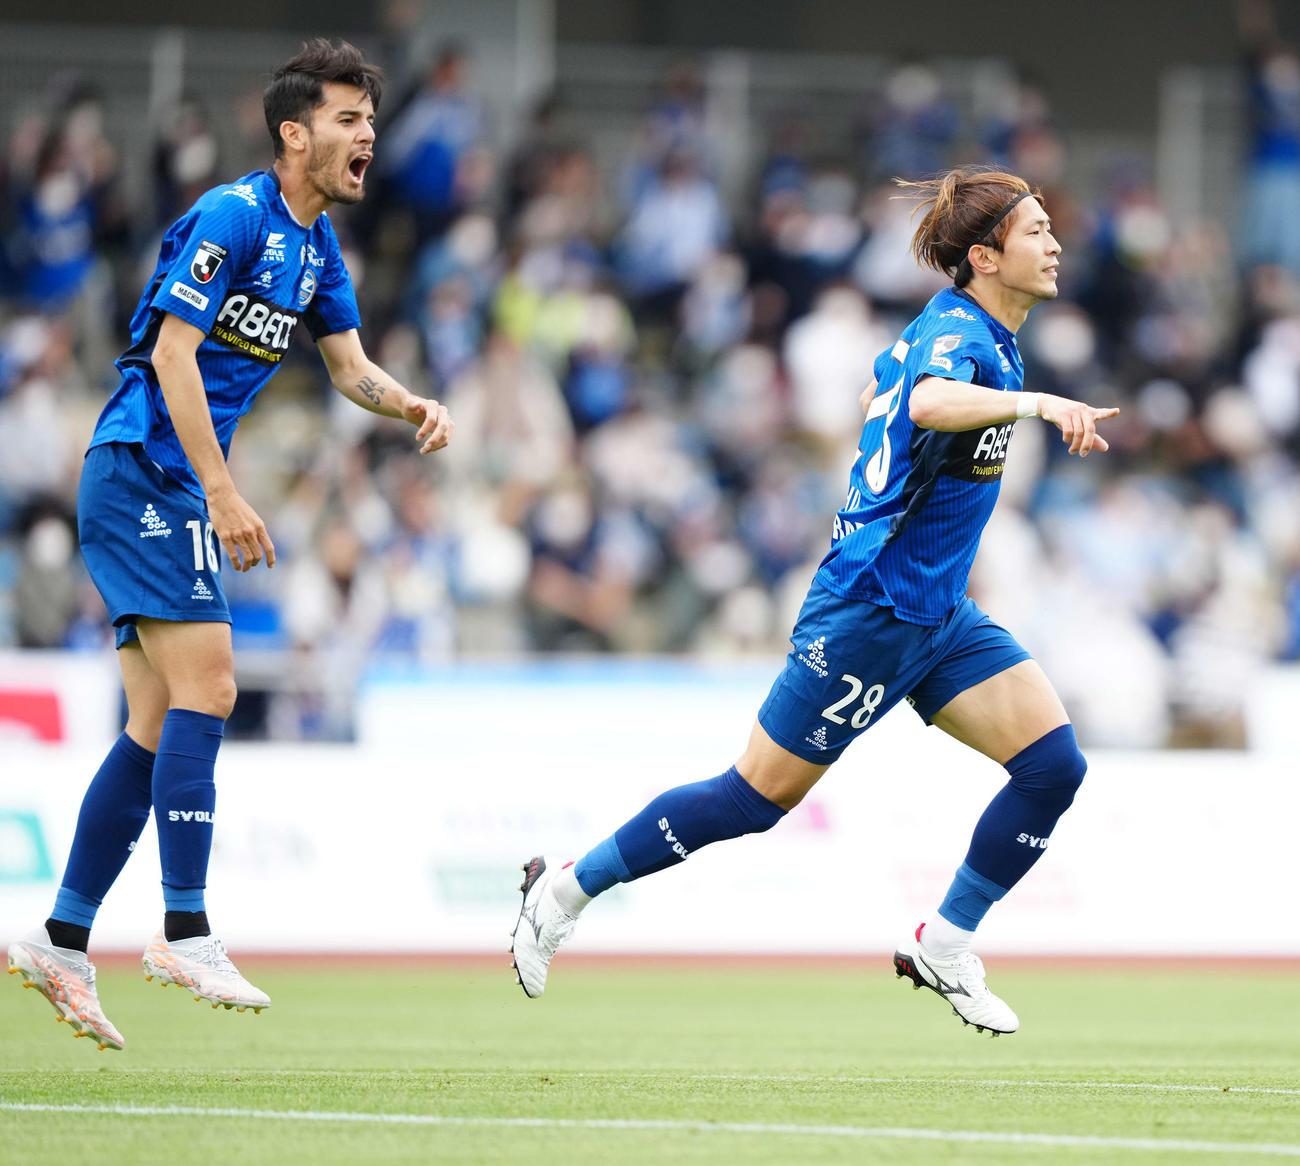 町田対新潟 前半、ゴールを決め歓喜する町田太田(右)(撮影・江口和貴)